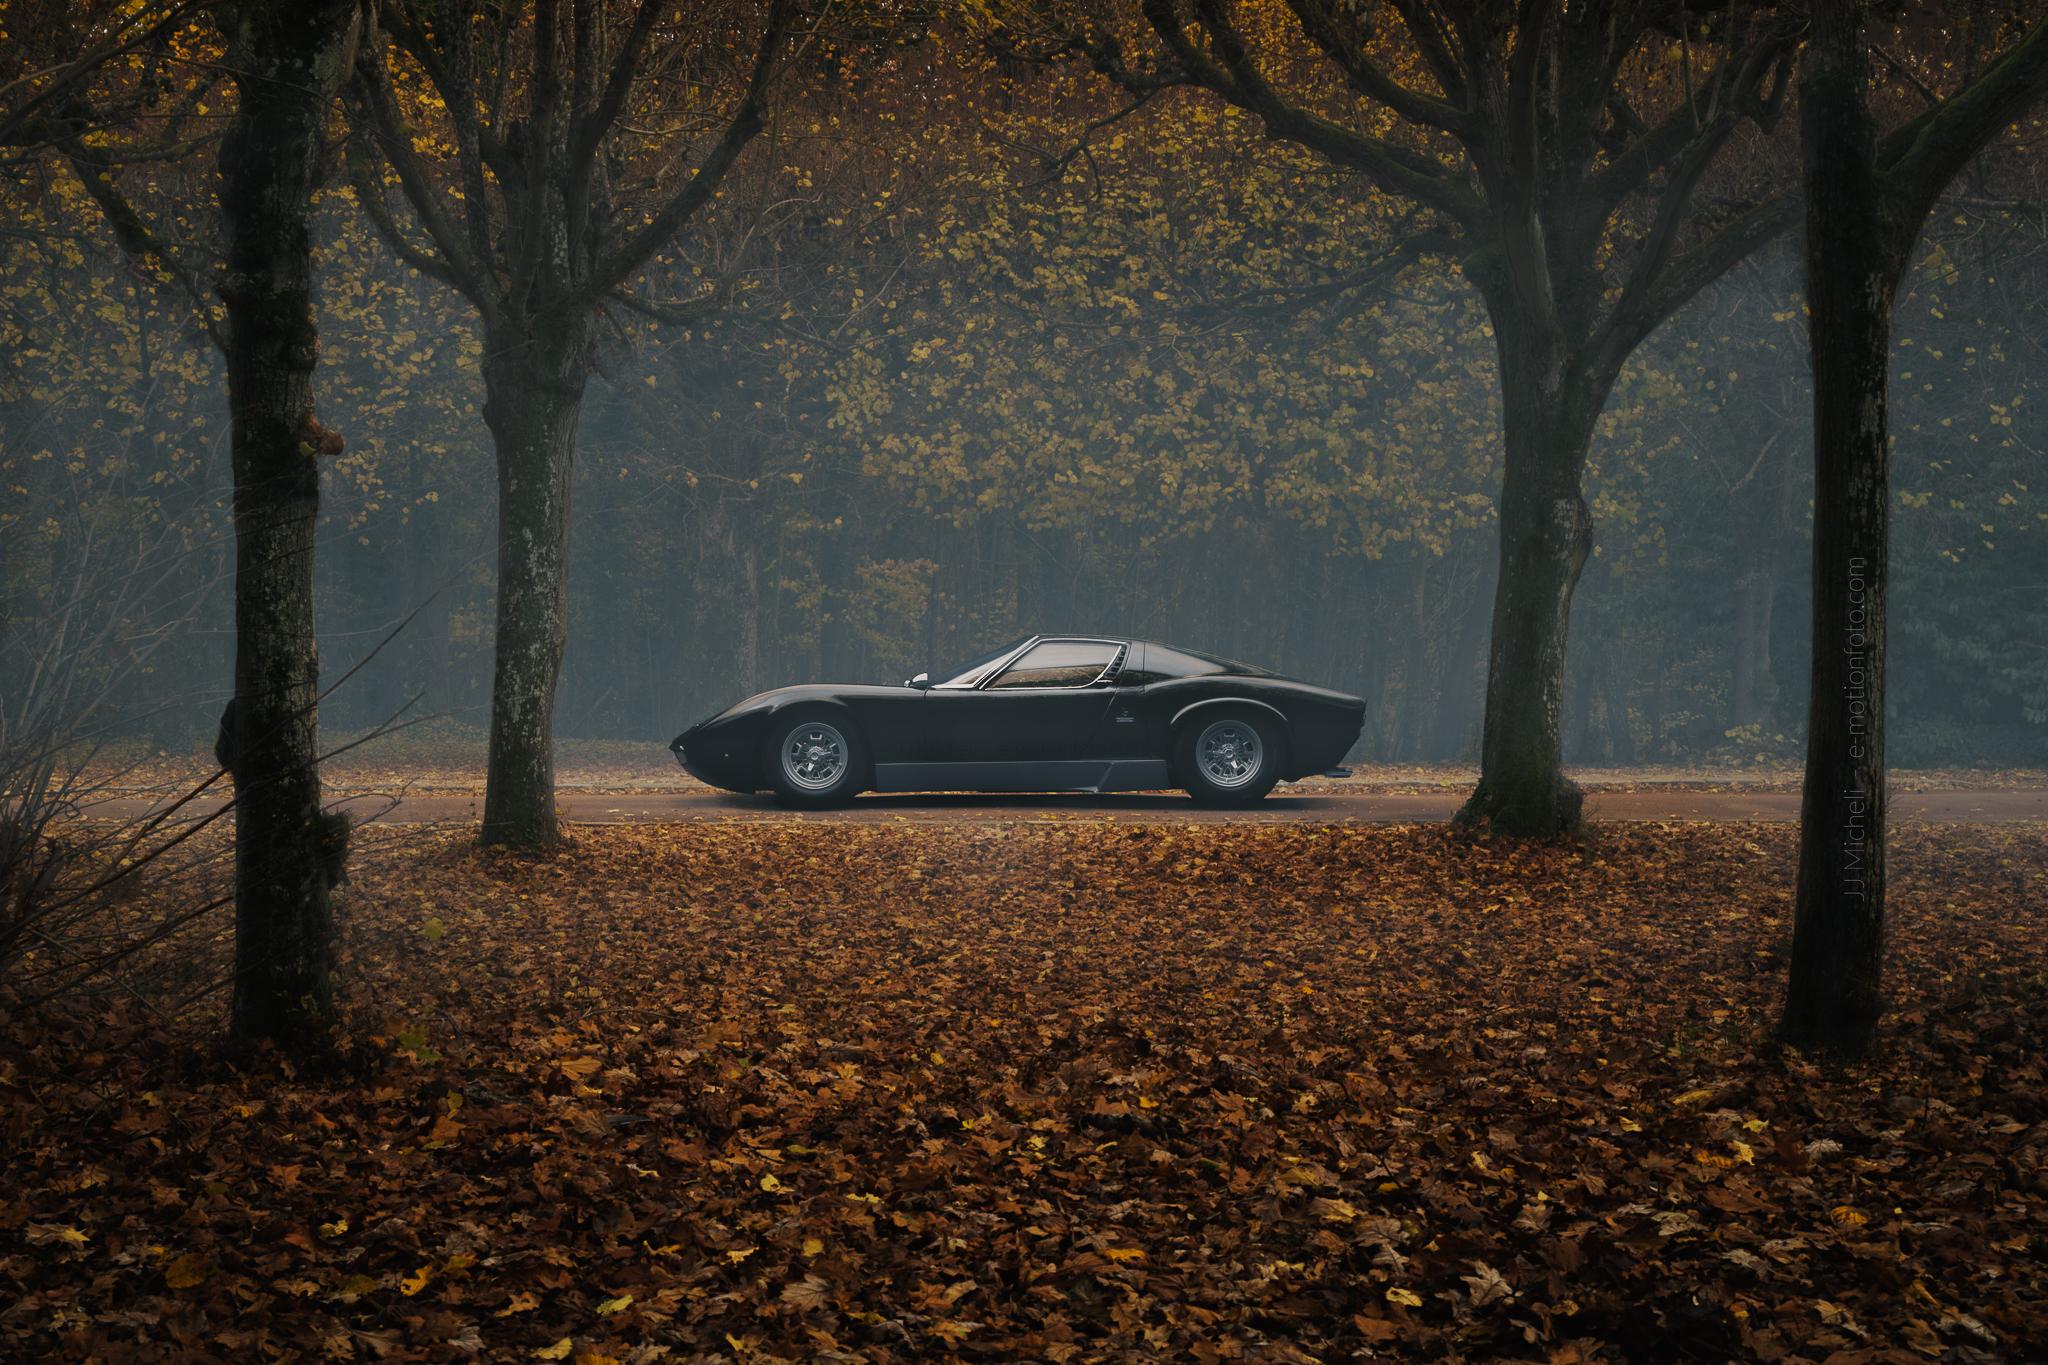 Lamborghini Miura SV - automne